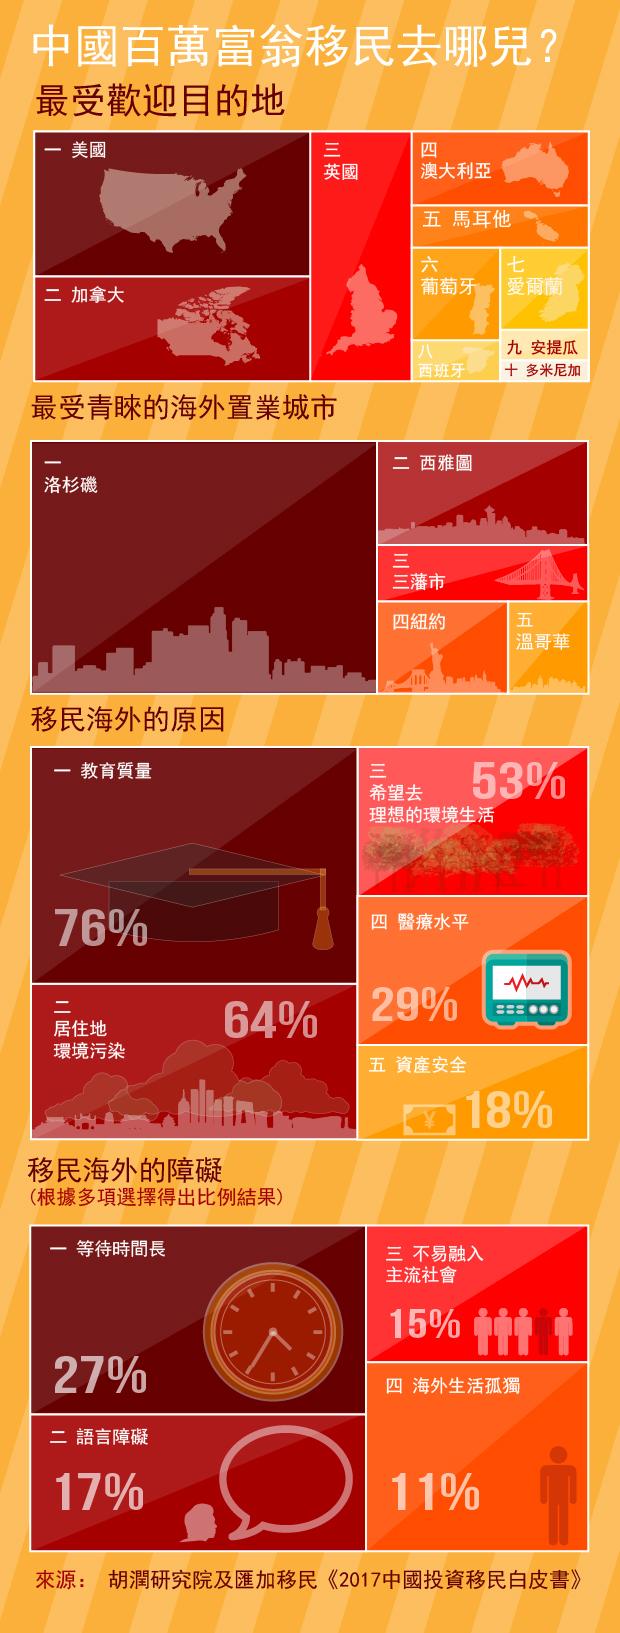 中國富豪移民數據圖(自由亞洲製圖)